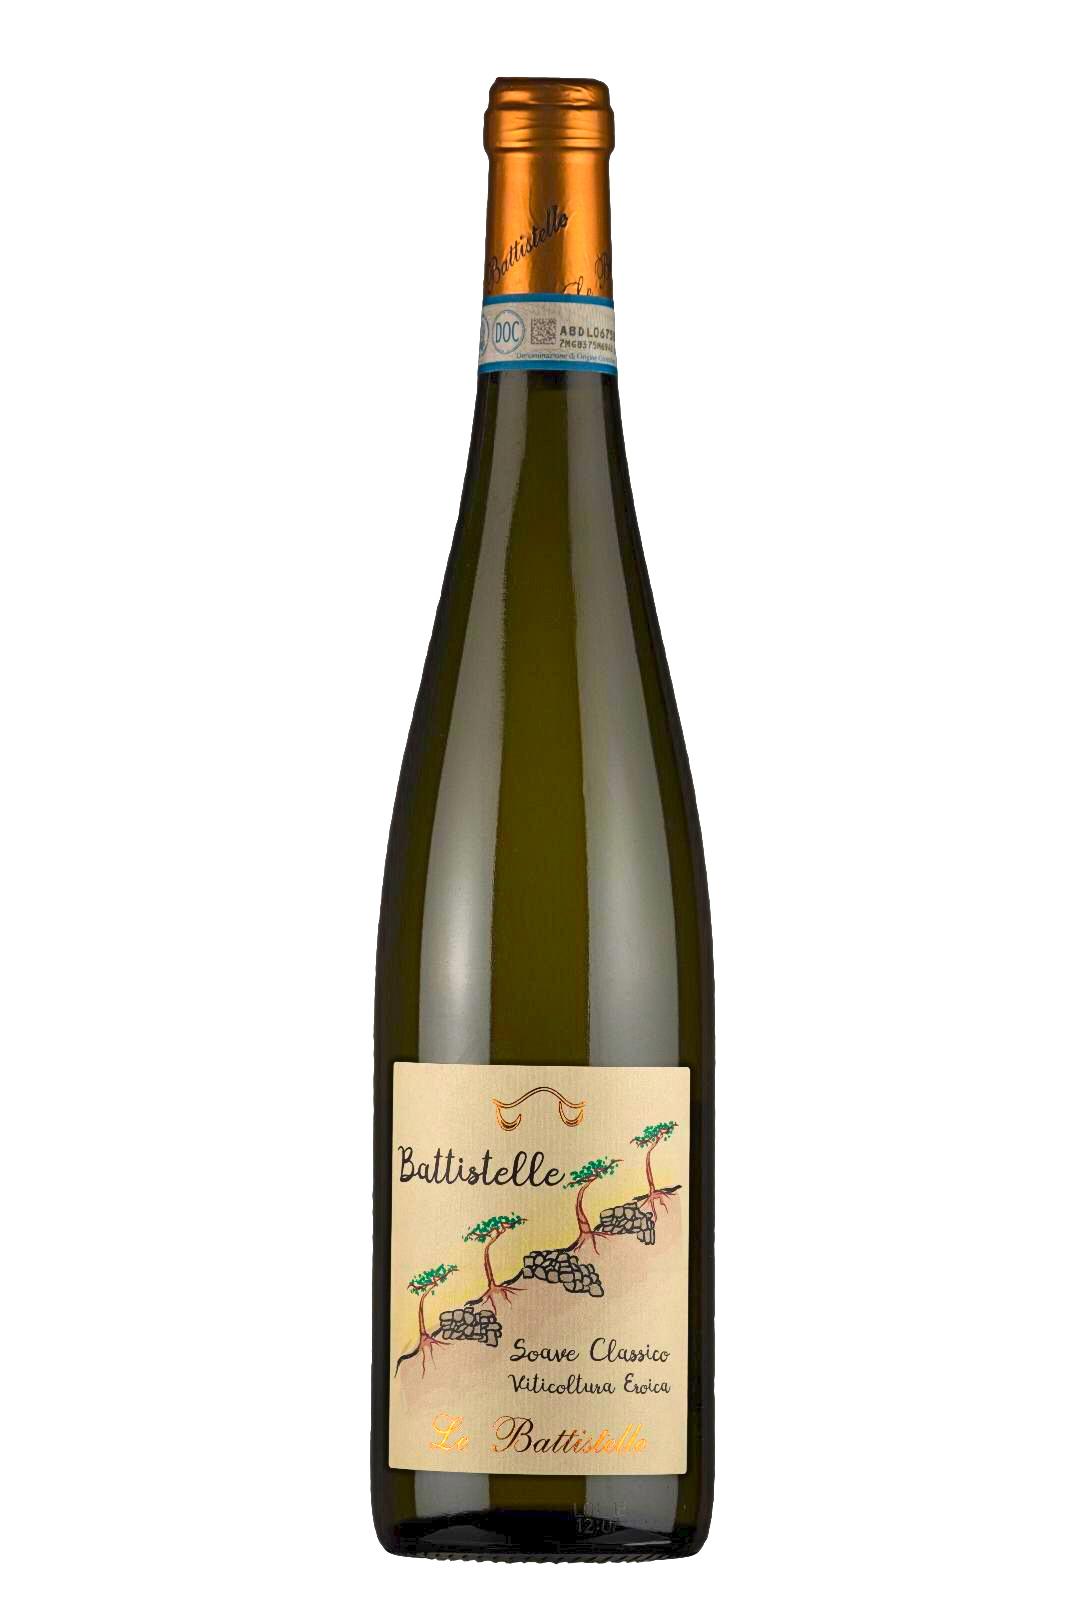 Vino bianco Soave Classico Battistelle